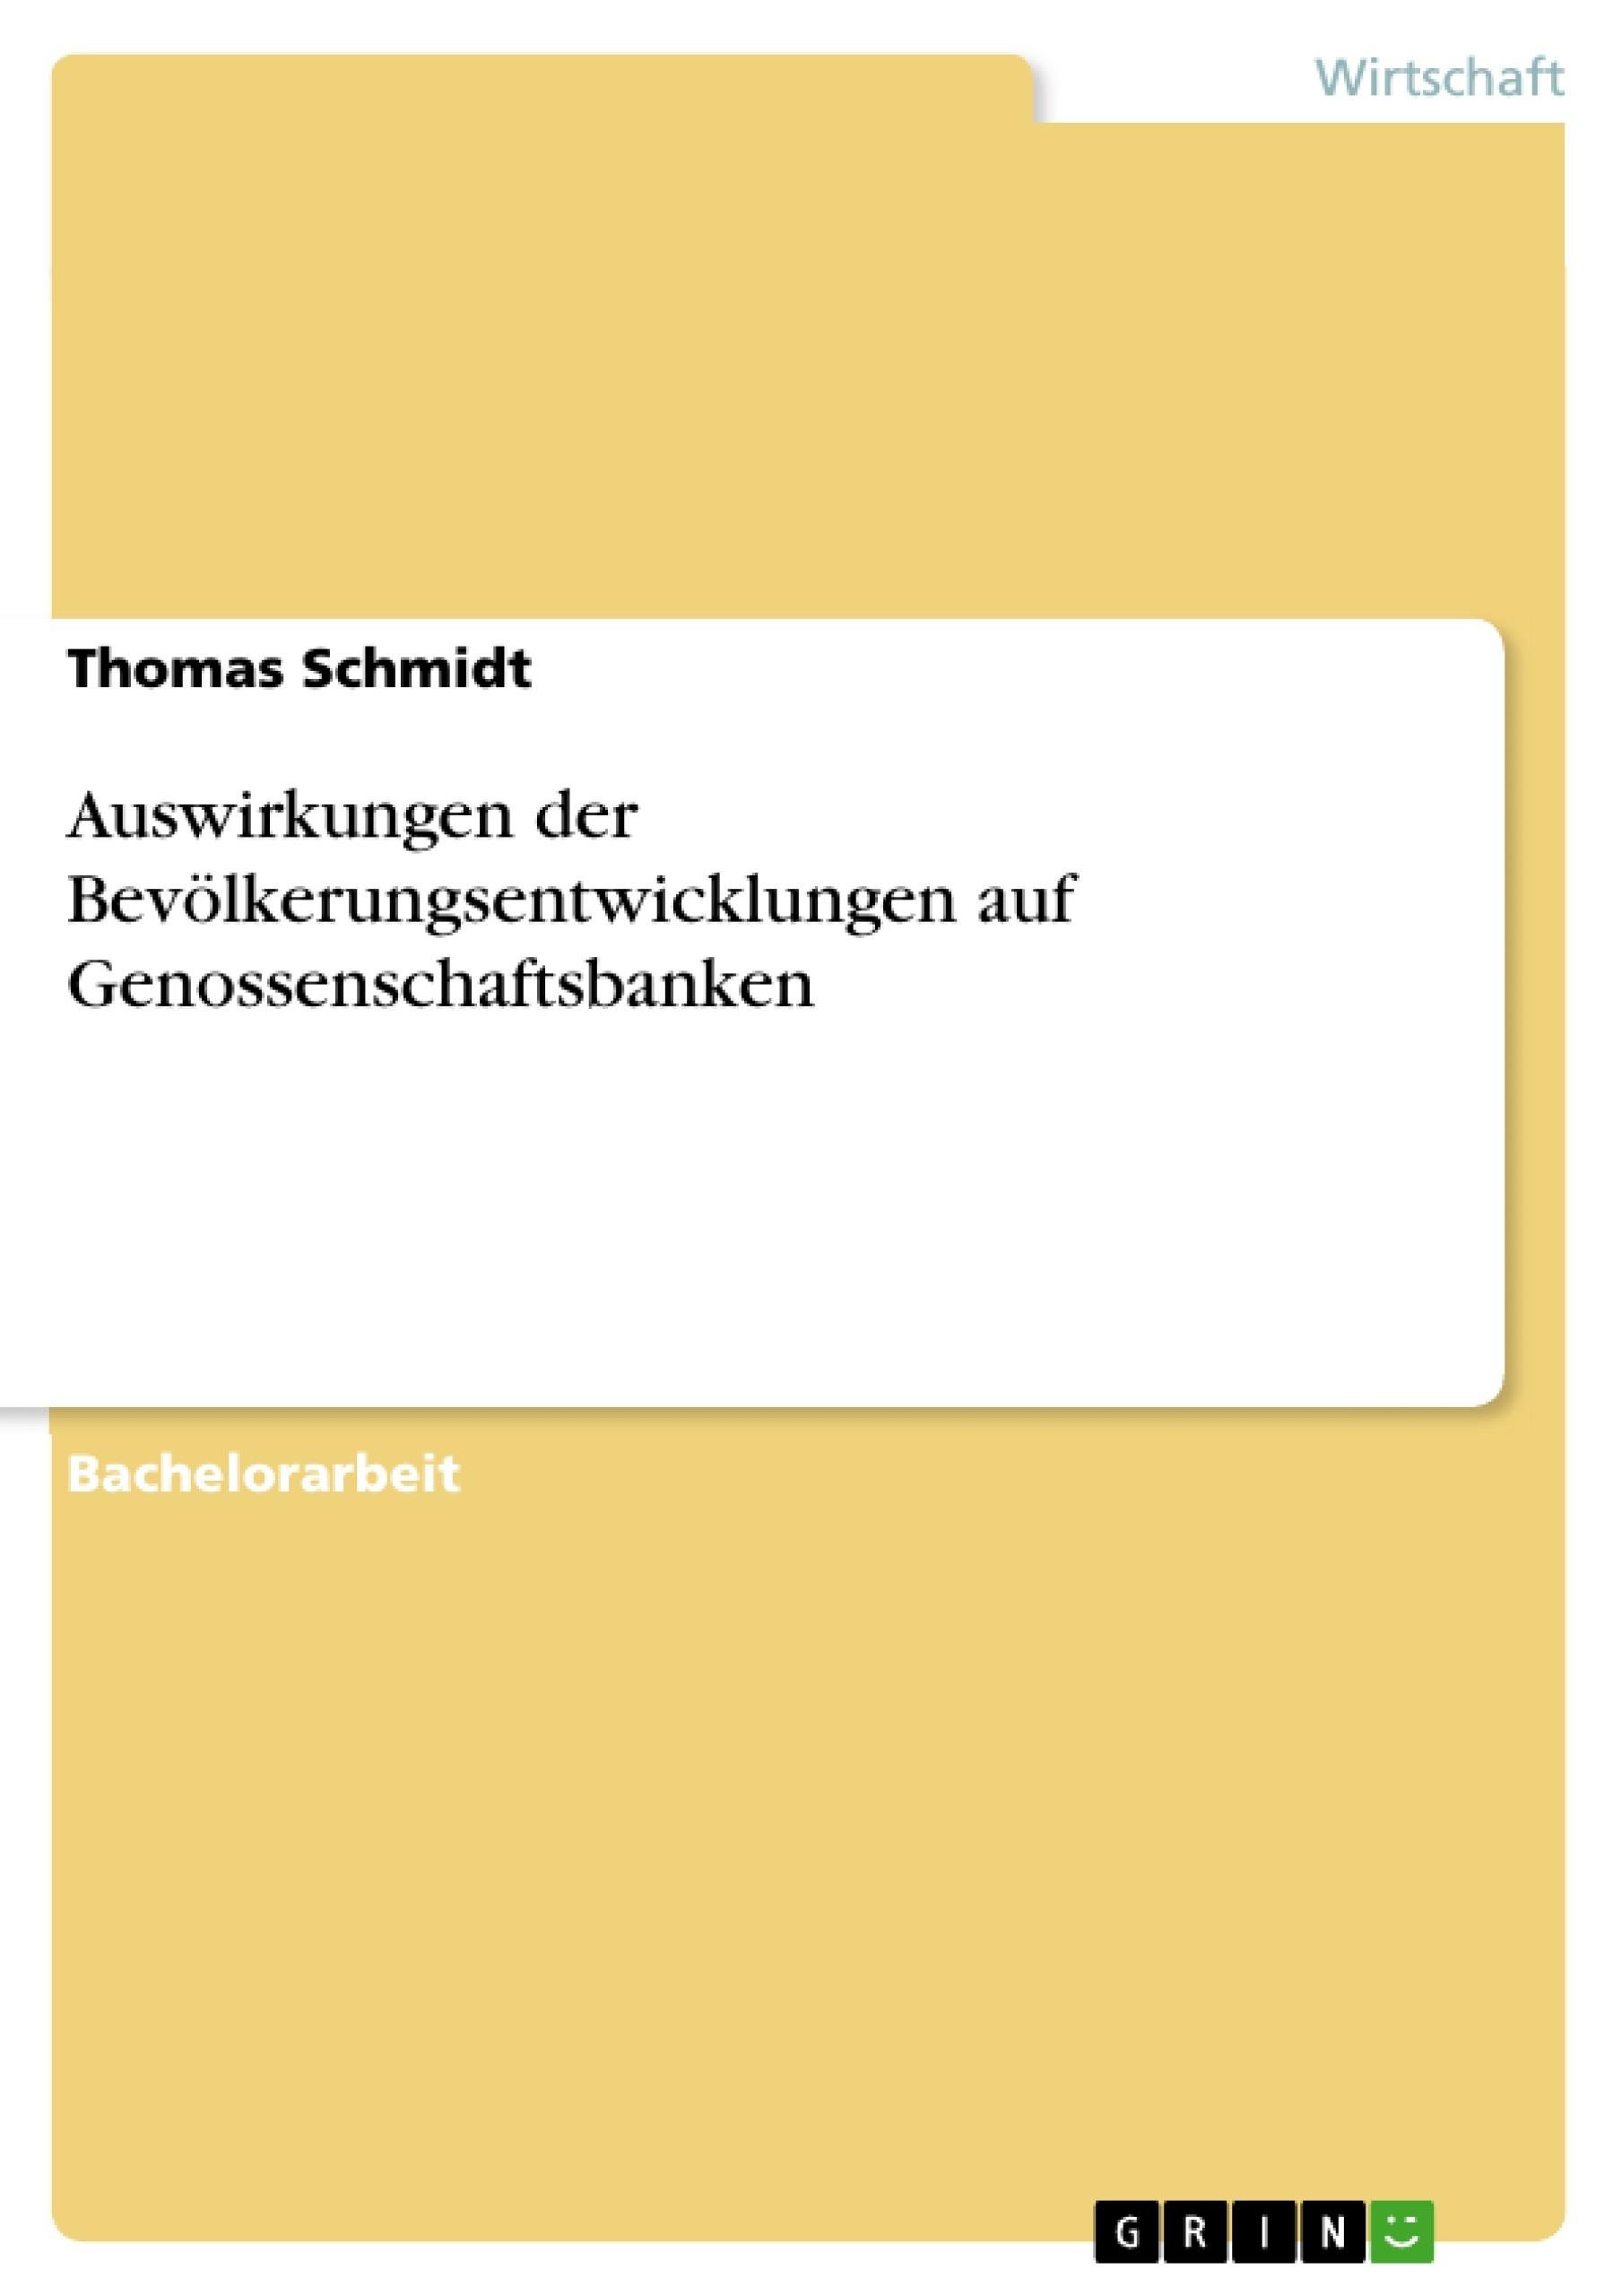 Titel: Auswirkungen der Bevölkerungsentwicklungen  auf  Genossenschaftsbanken